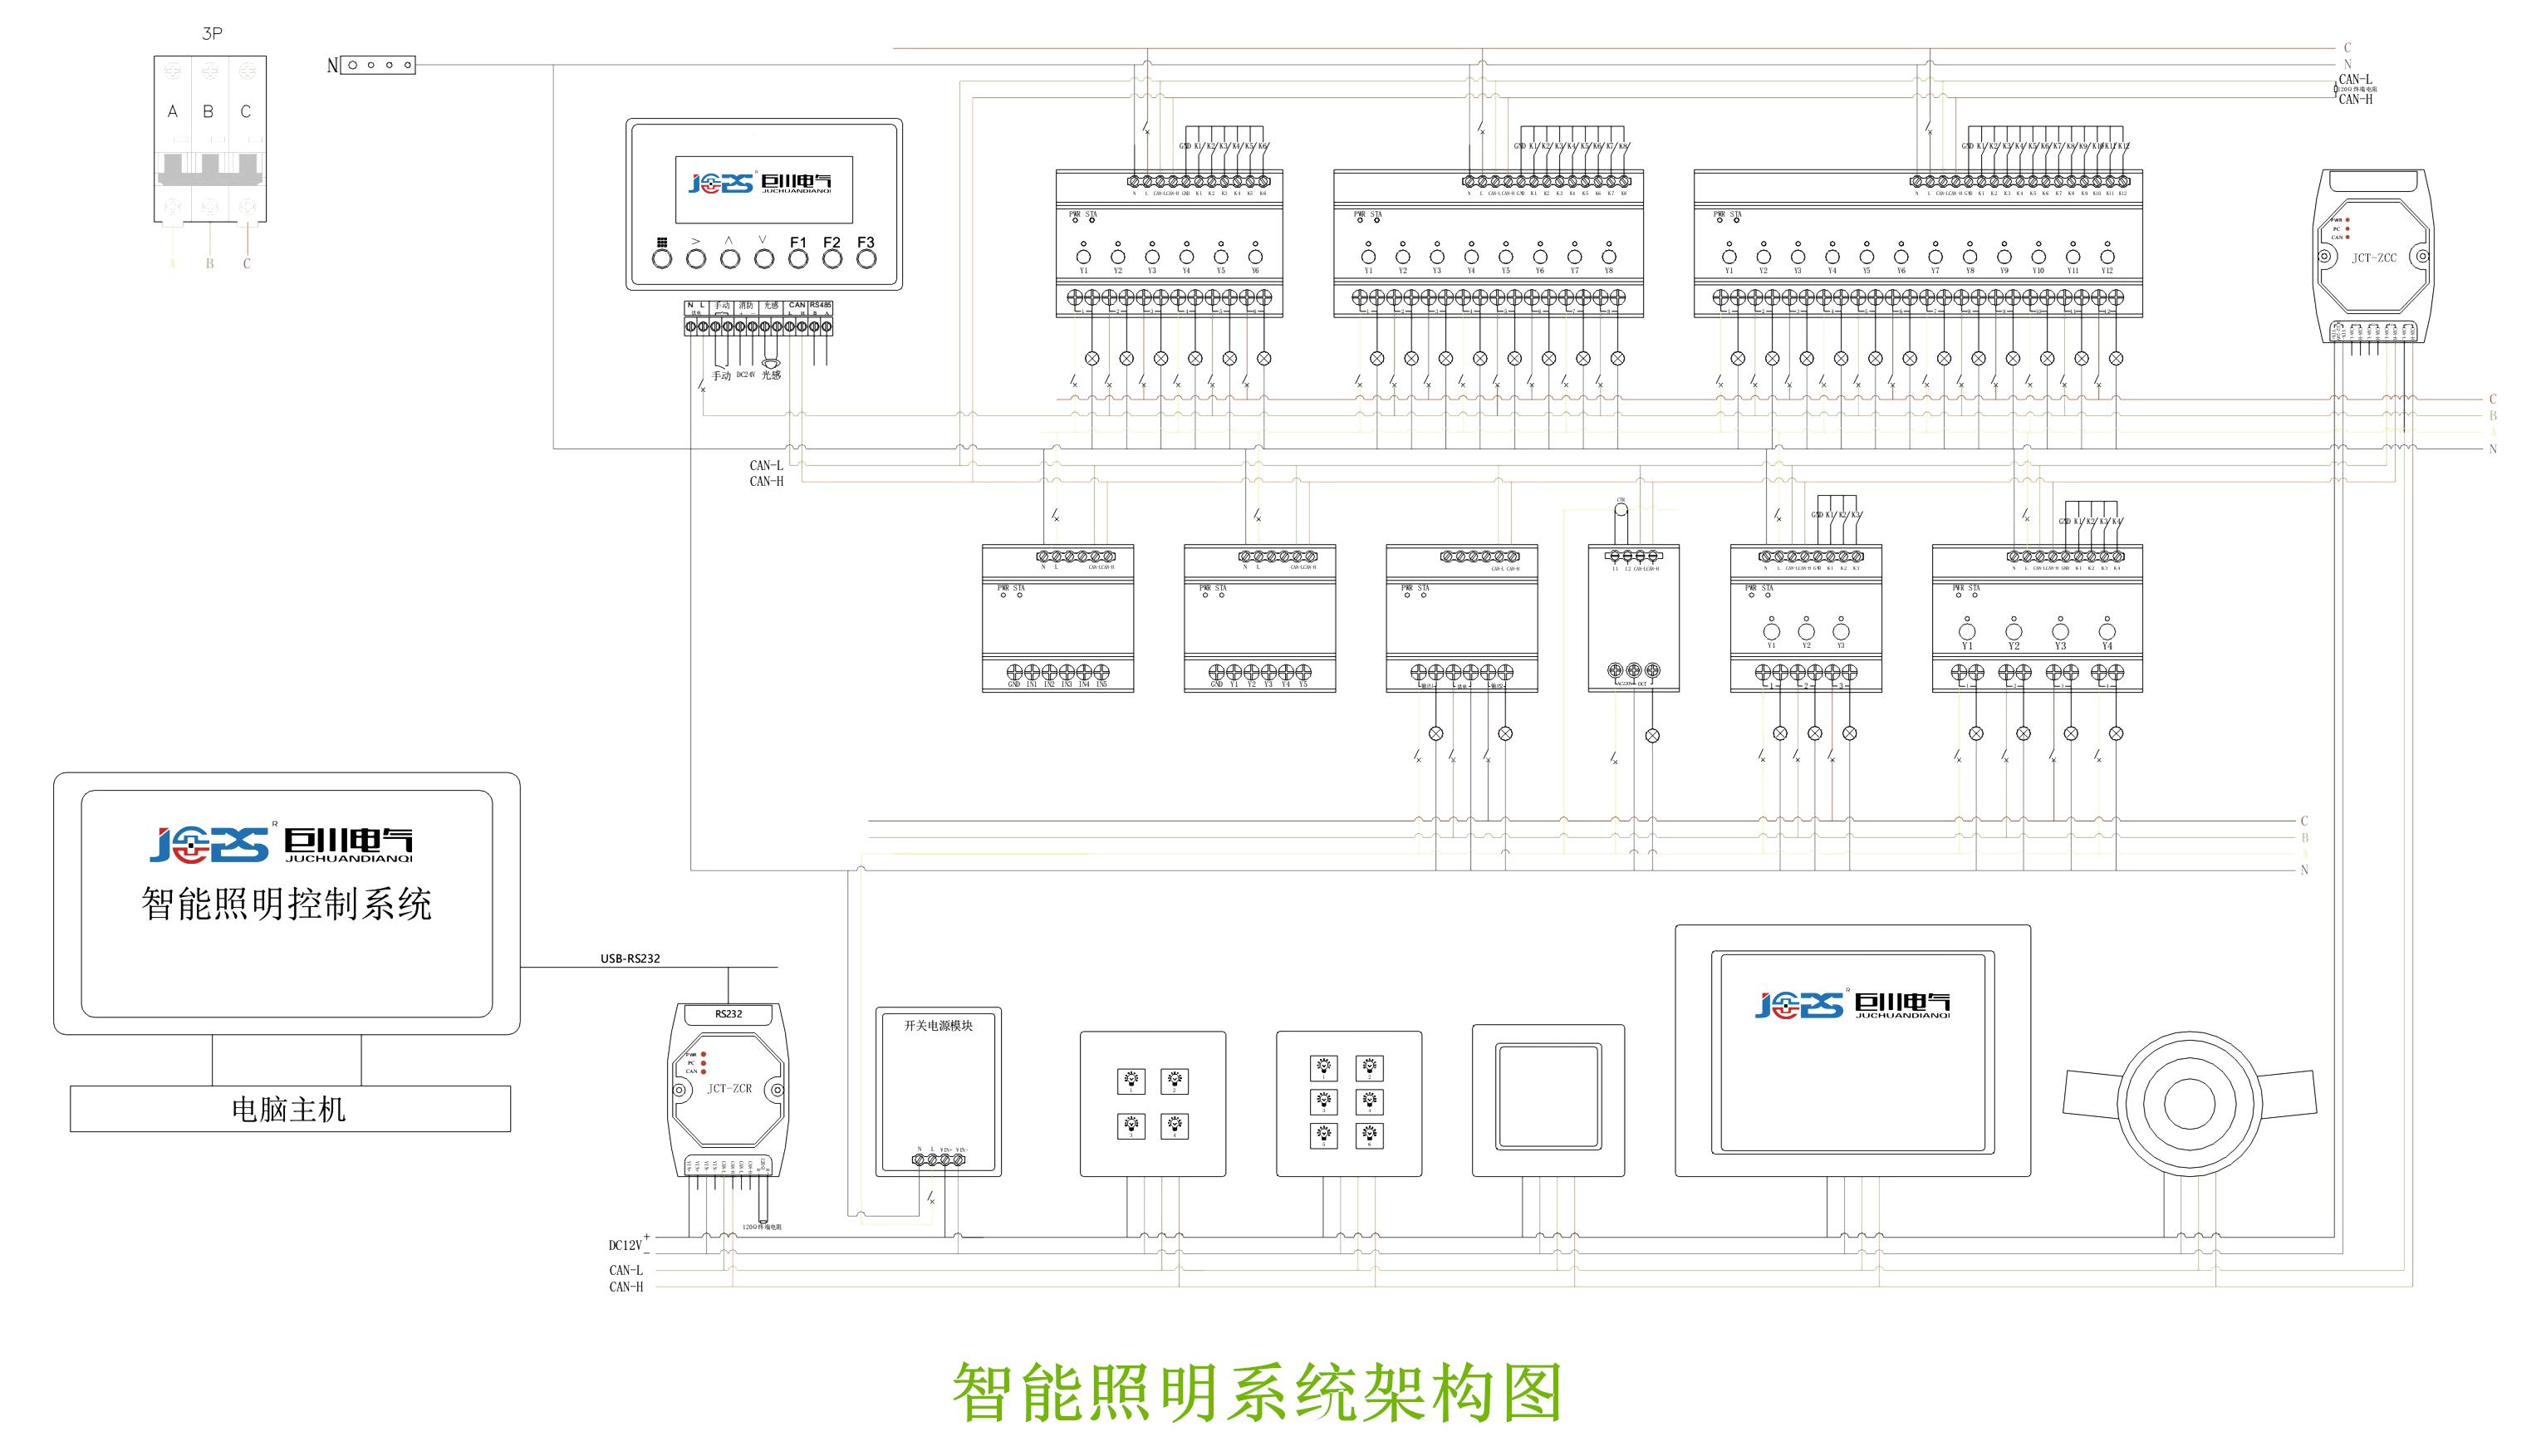 智能照明控制系统架构图